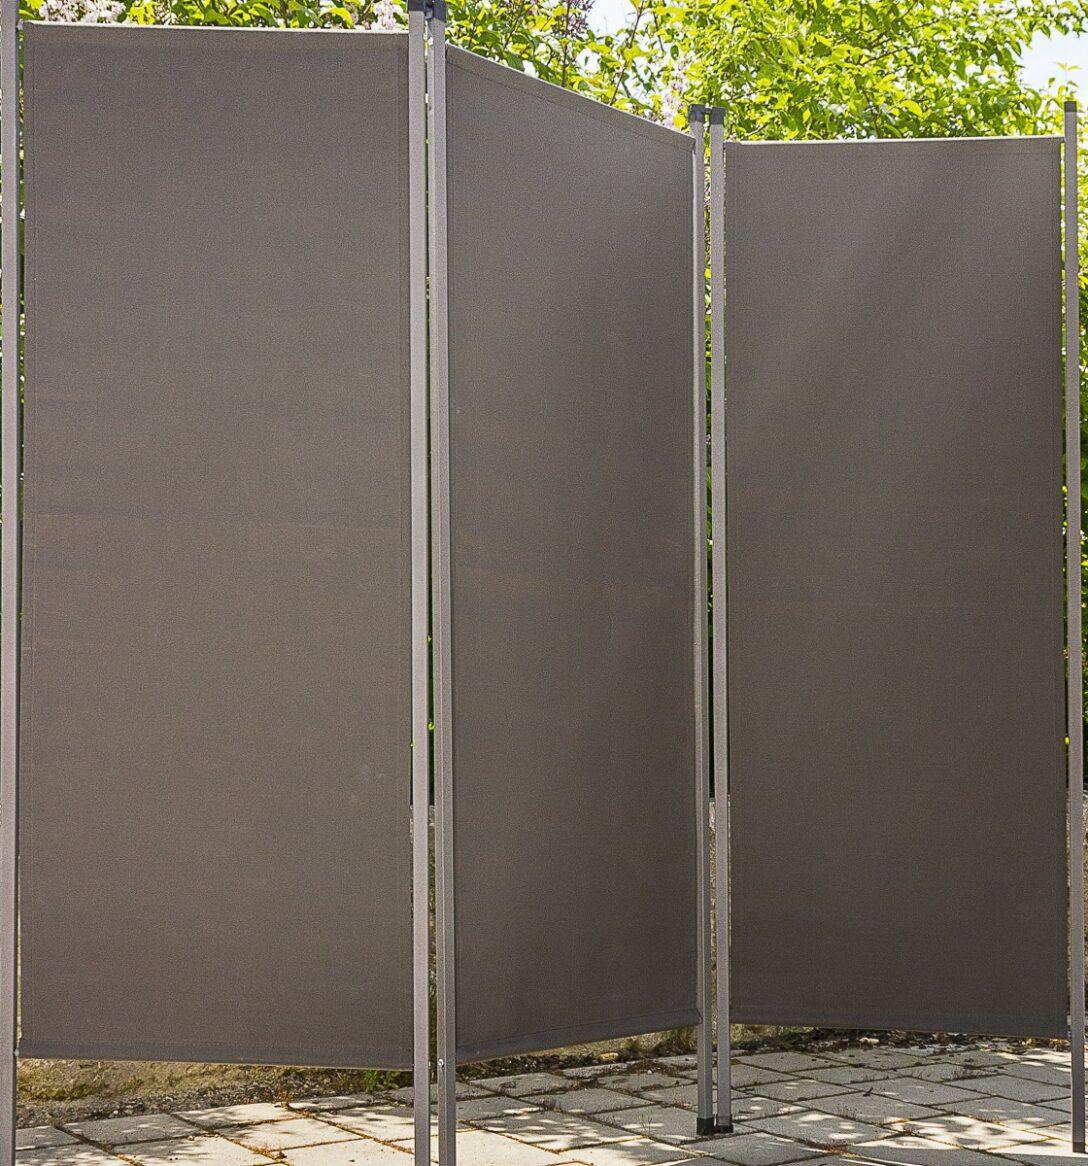 Large Size of Outdoor Paravent Anthrazit Metall Stoff Sichtschutz Windschutz Küche Edelstahl Kaufen Garten Wohnzimmer Outdoor Paravent